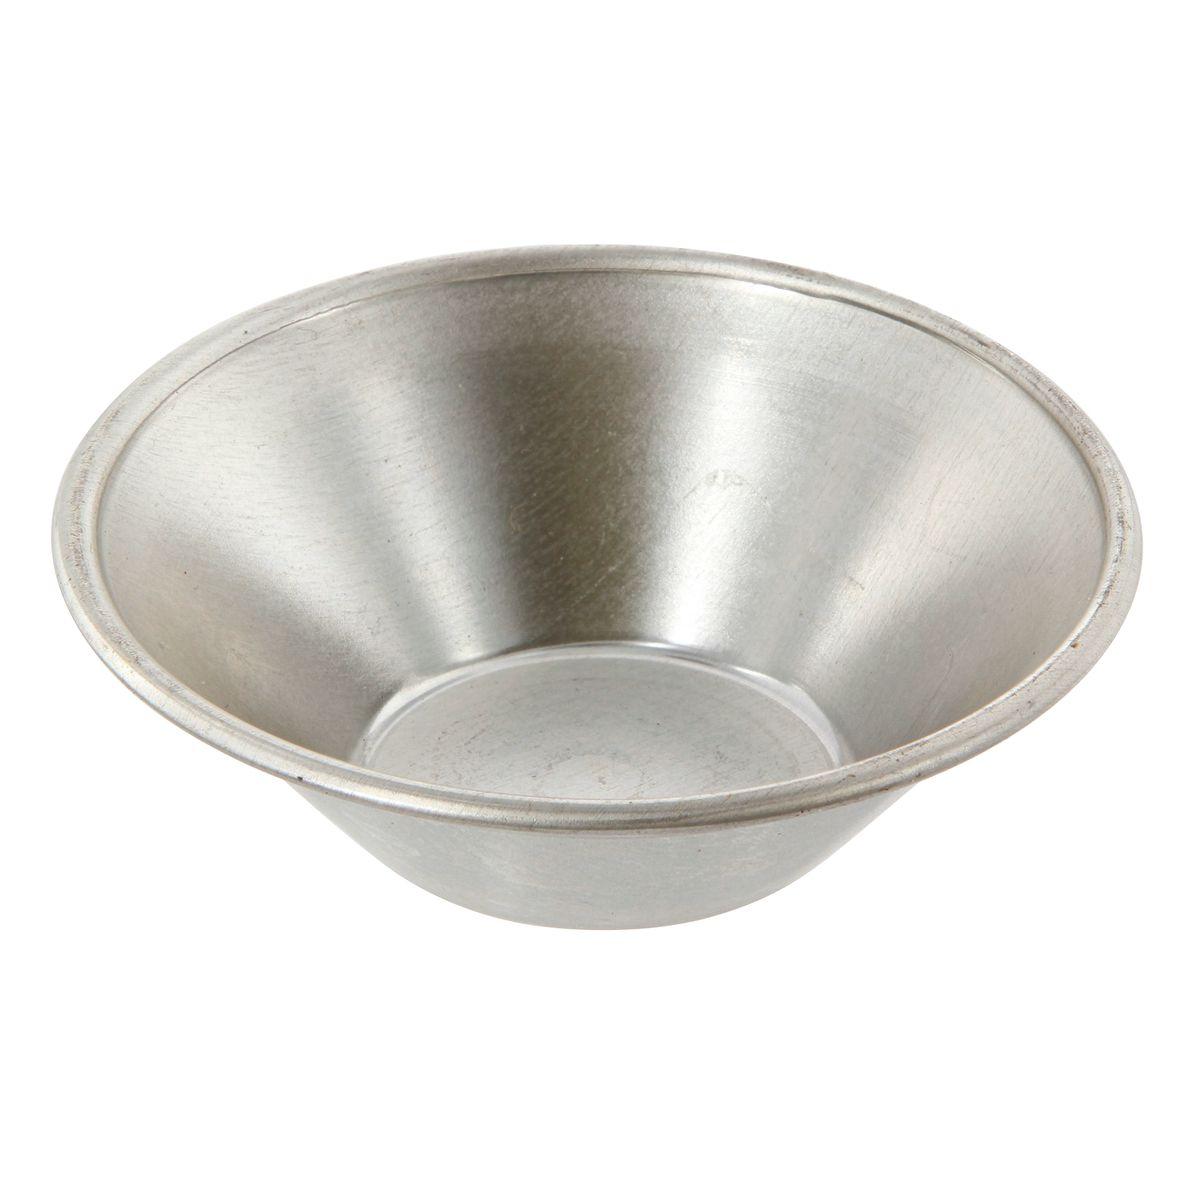 Moule à pasteis de Nata en fer blanc 7 cm - Alice Délice